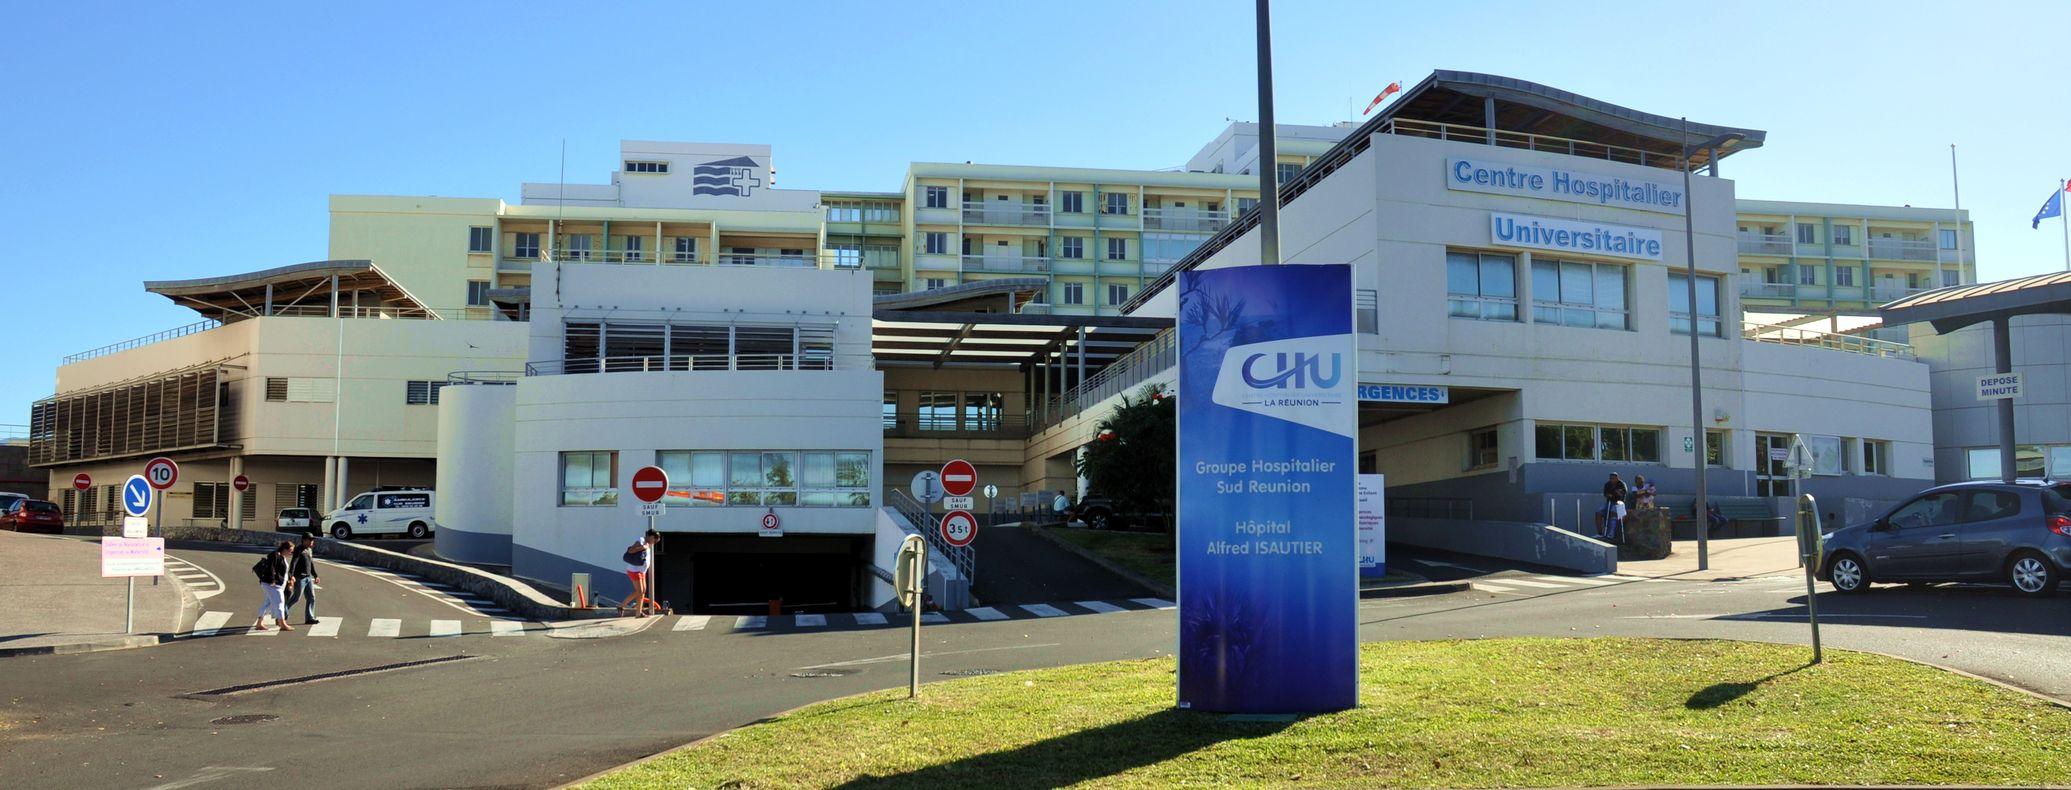 Palmarès des 50 meilleurs hôpitaux publics : Le CHU Sud-Réunion, 2ème meilleure maternité de France